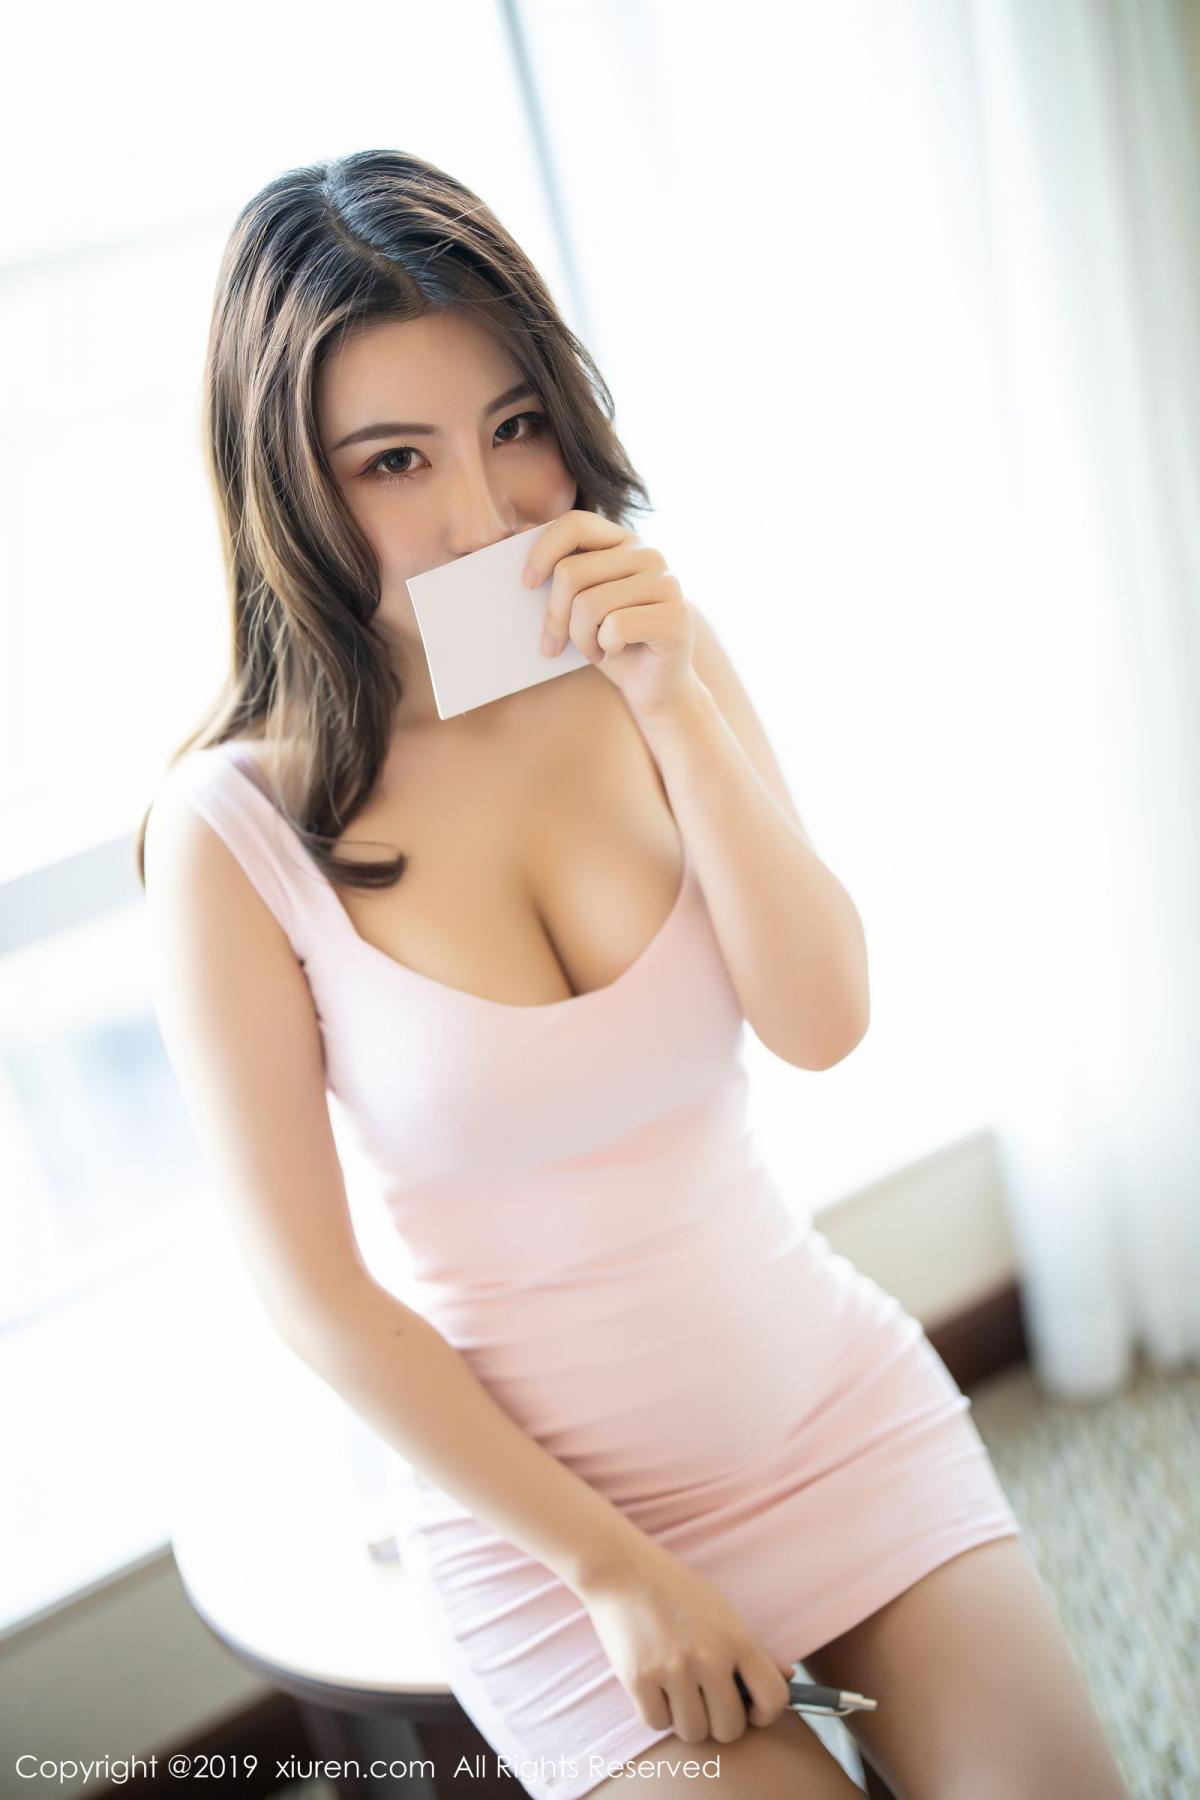 [XiaoYu] Vol.1697 Xie Zhi Xin 7P, Home, Sexy, XiaoYu, Xie Zhi Xin